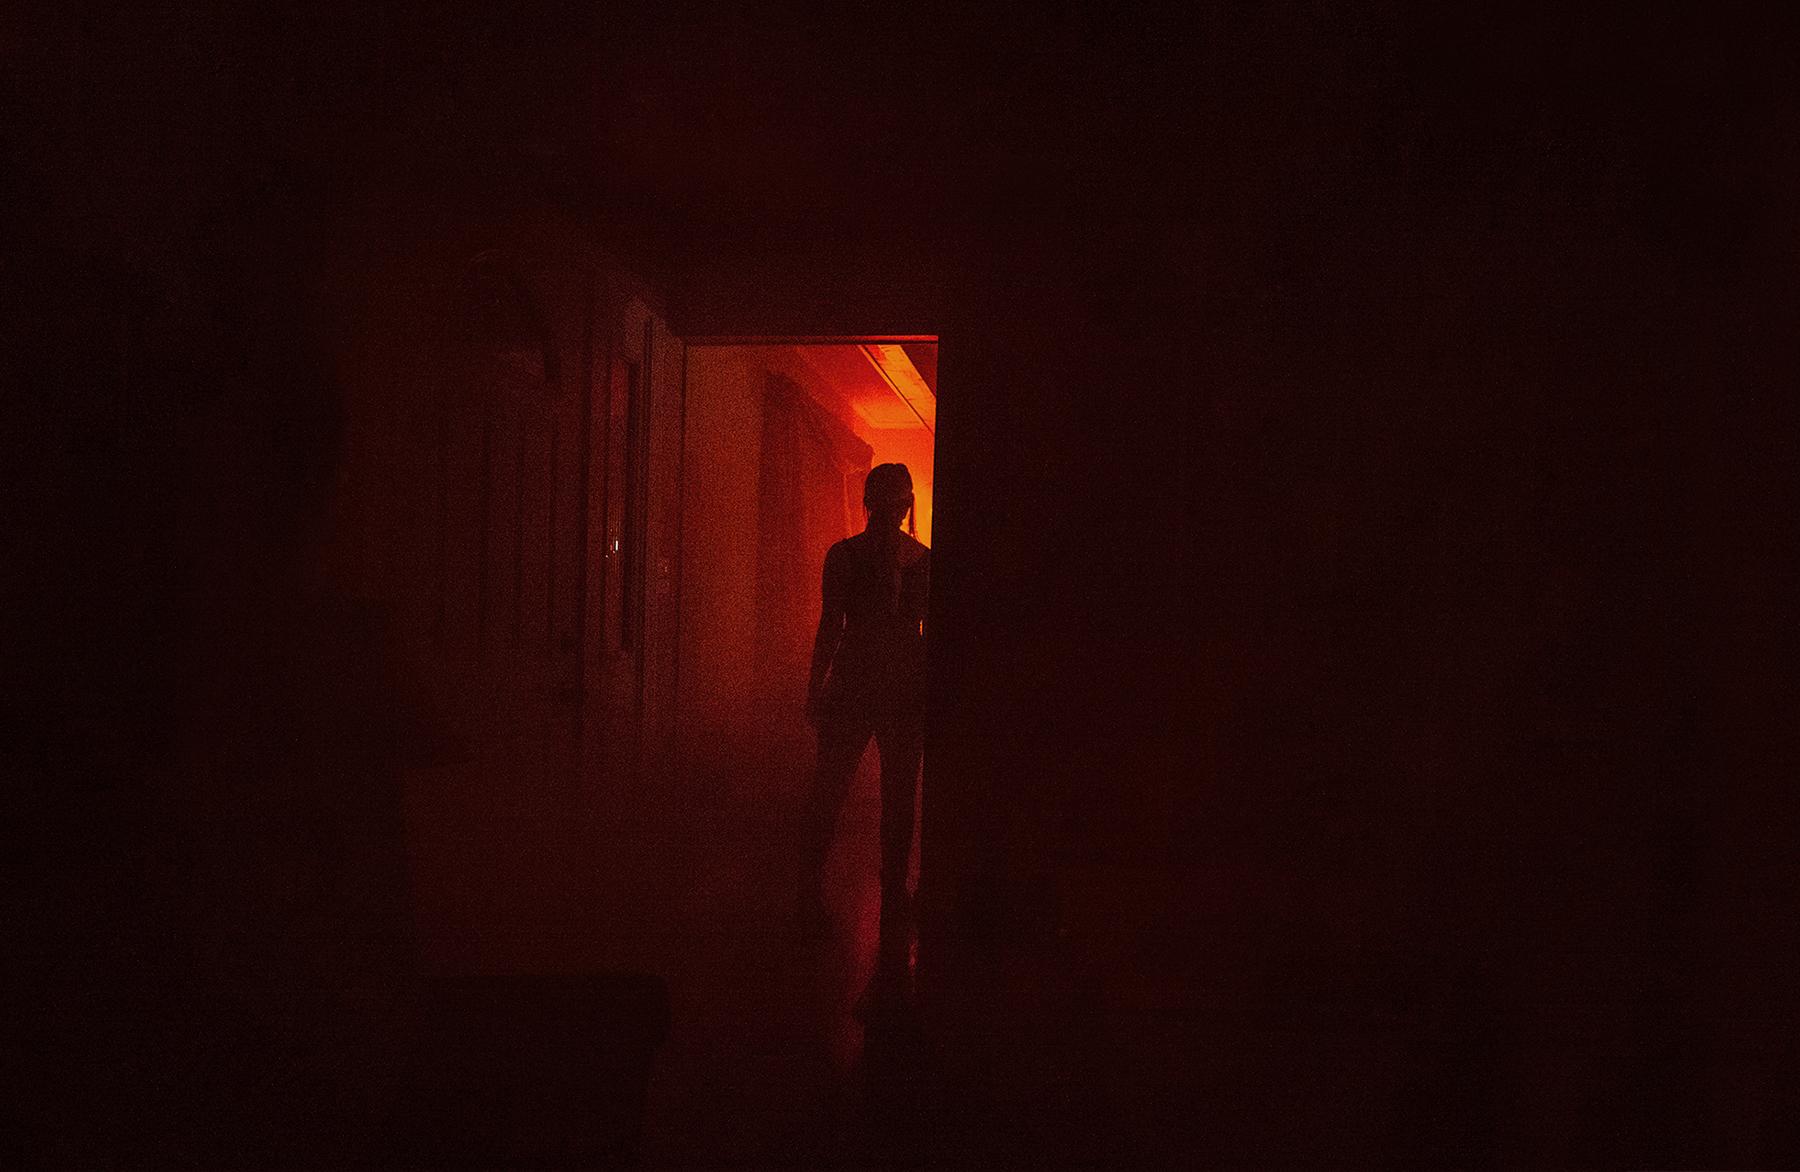 22: Stranger Things